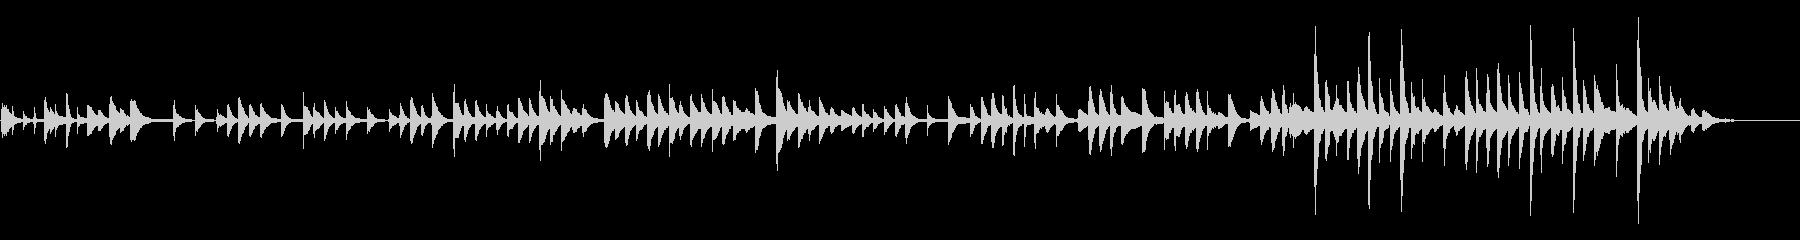 素朴で美しいピアノバラードの未再生の波形